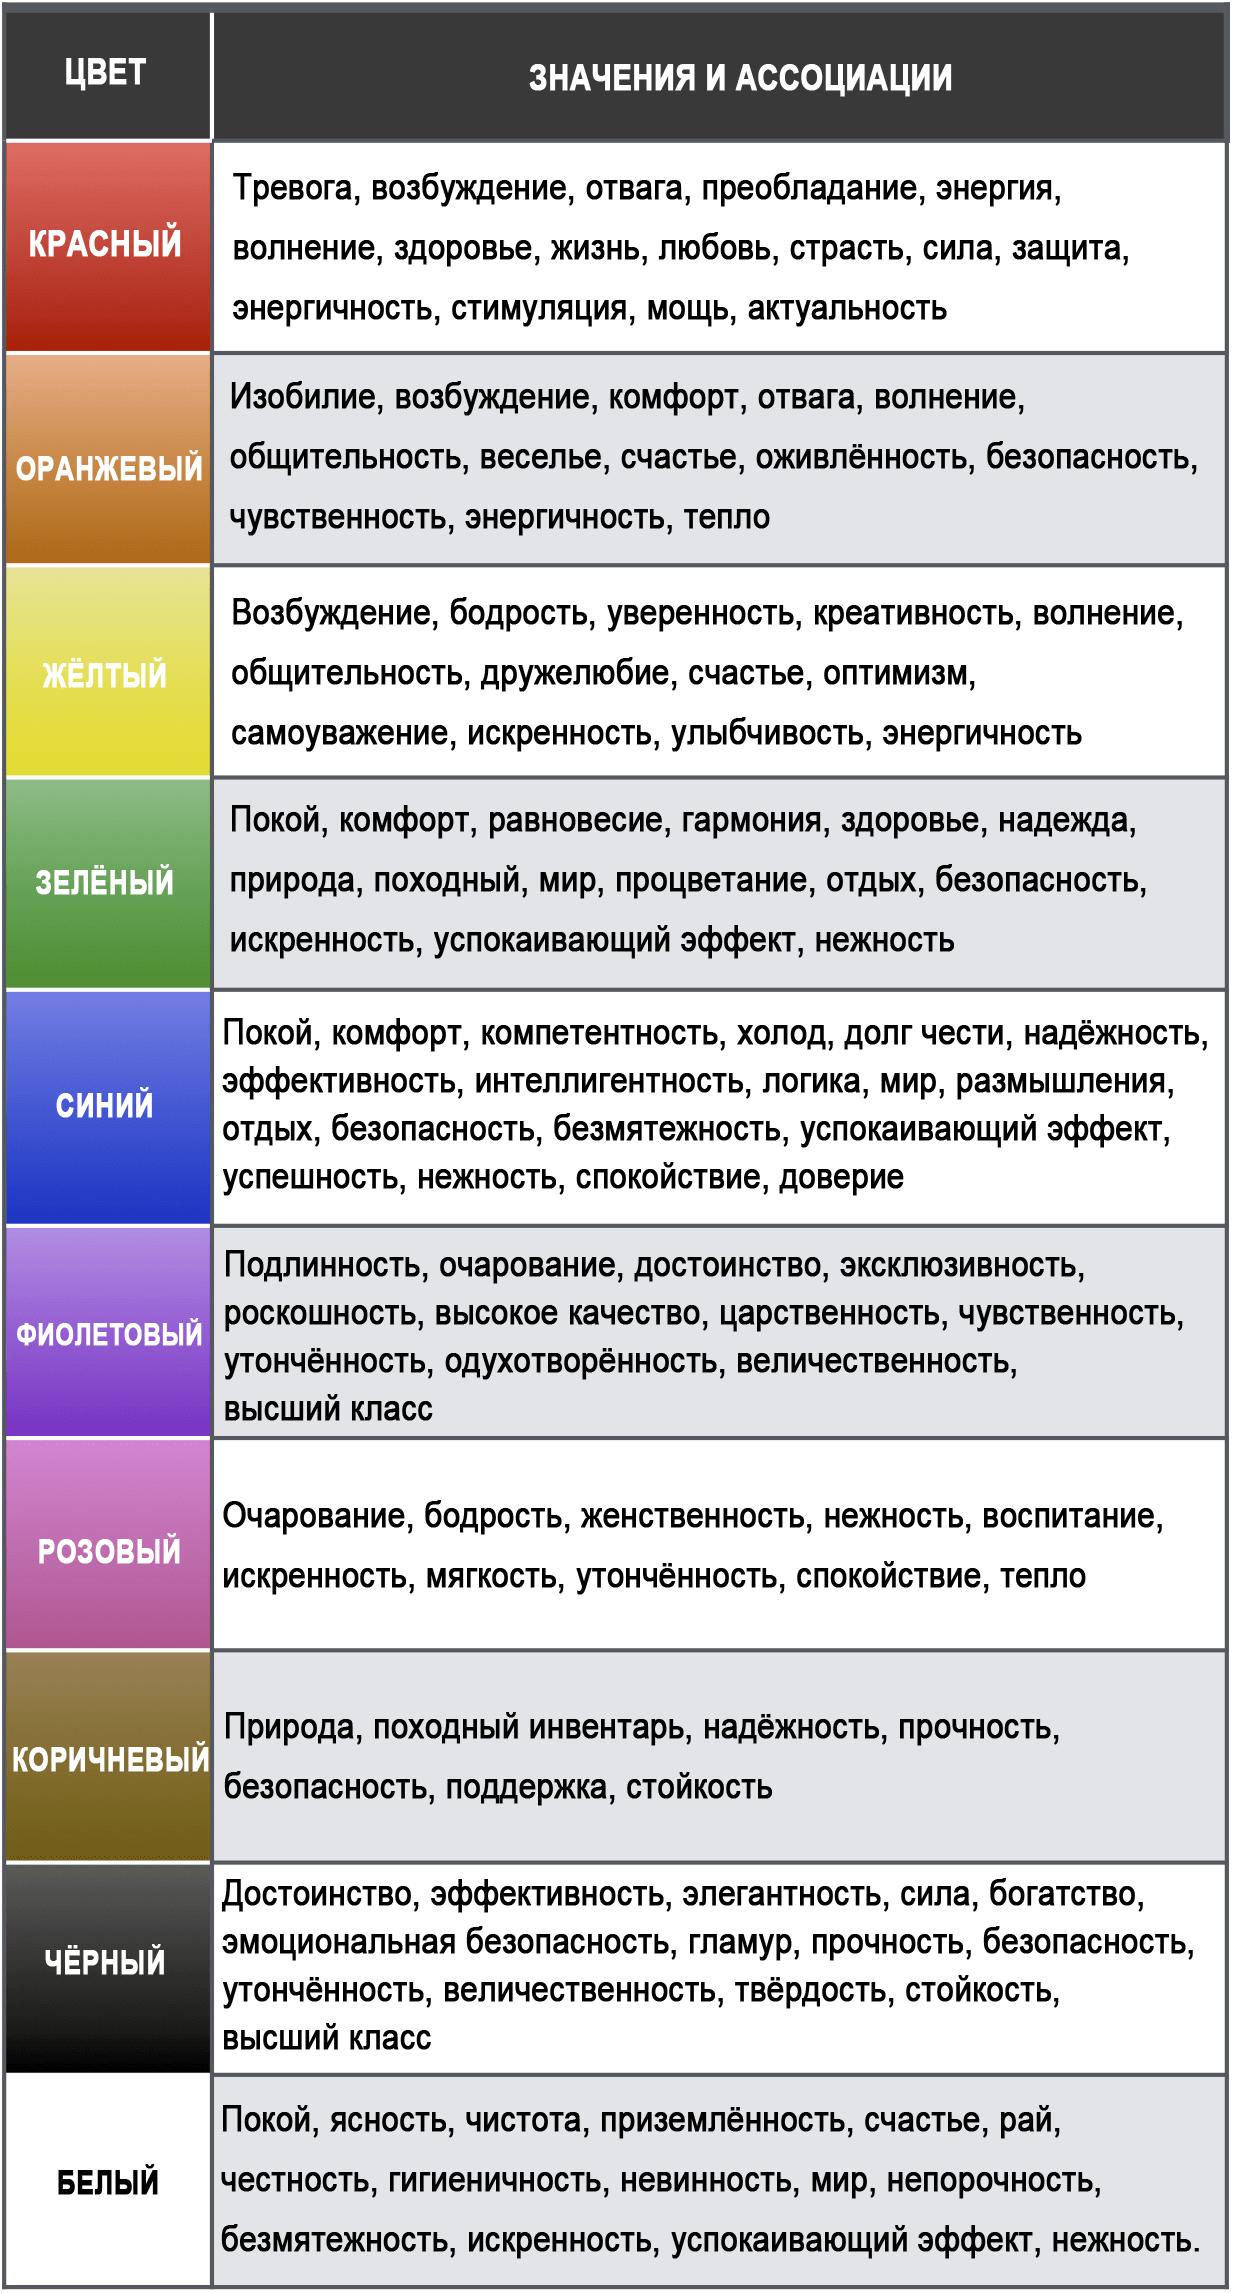 Значения и ассоциации цветов